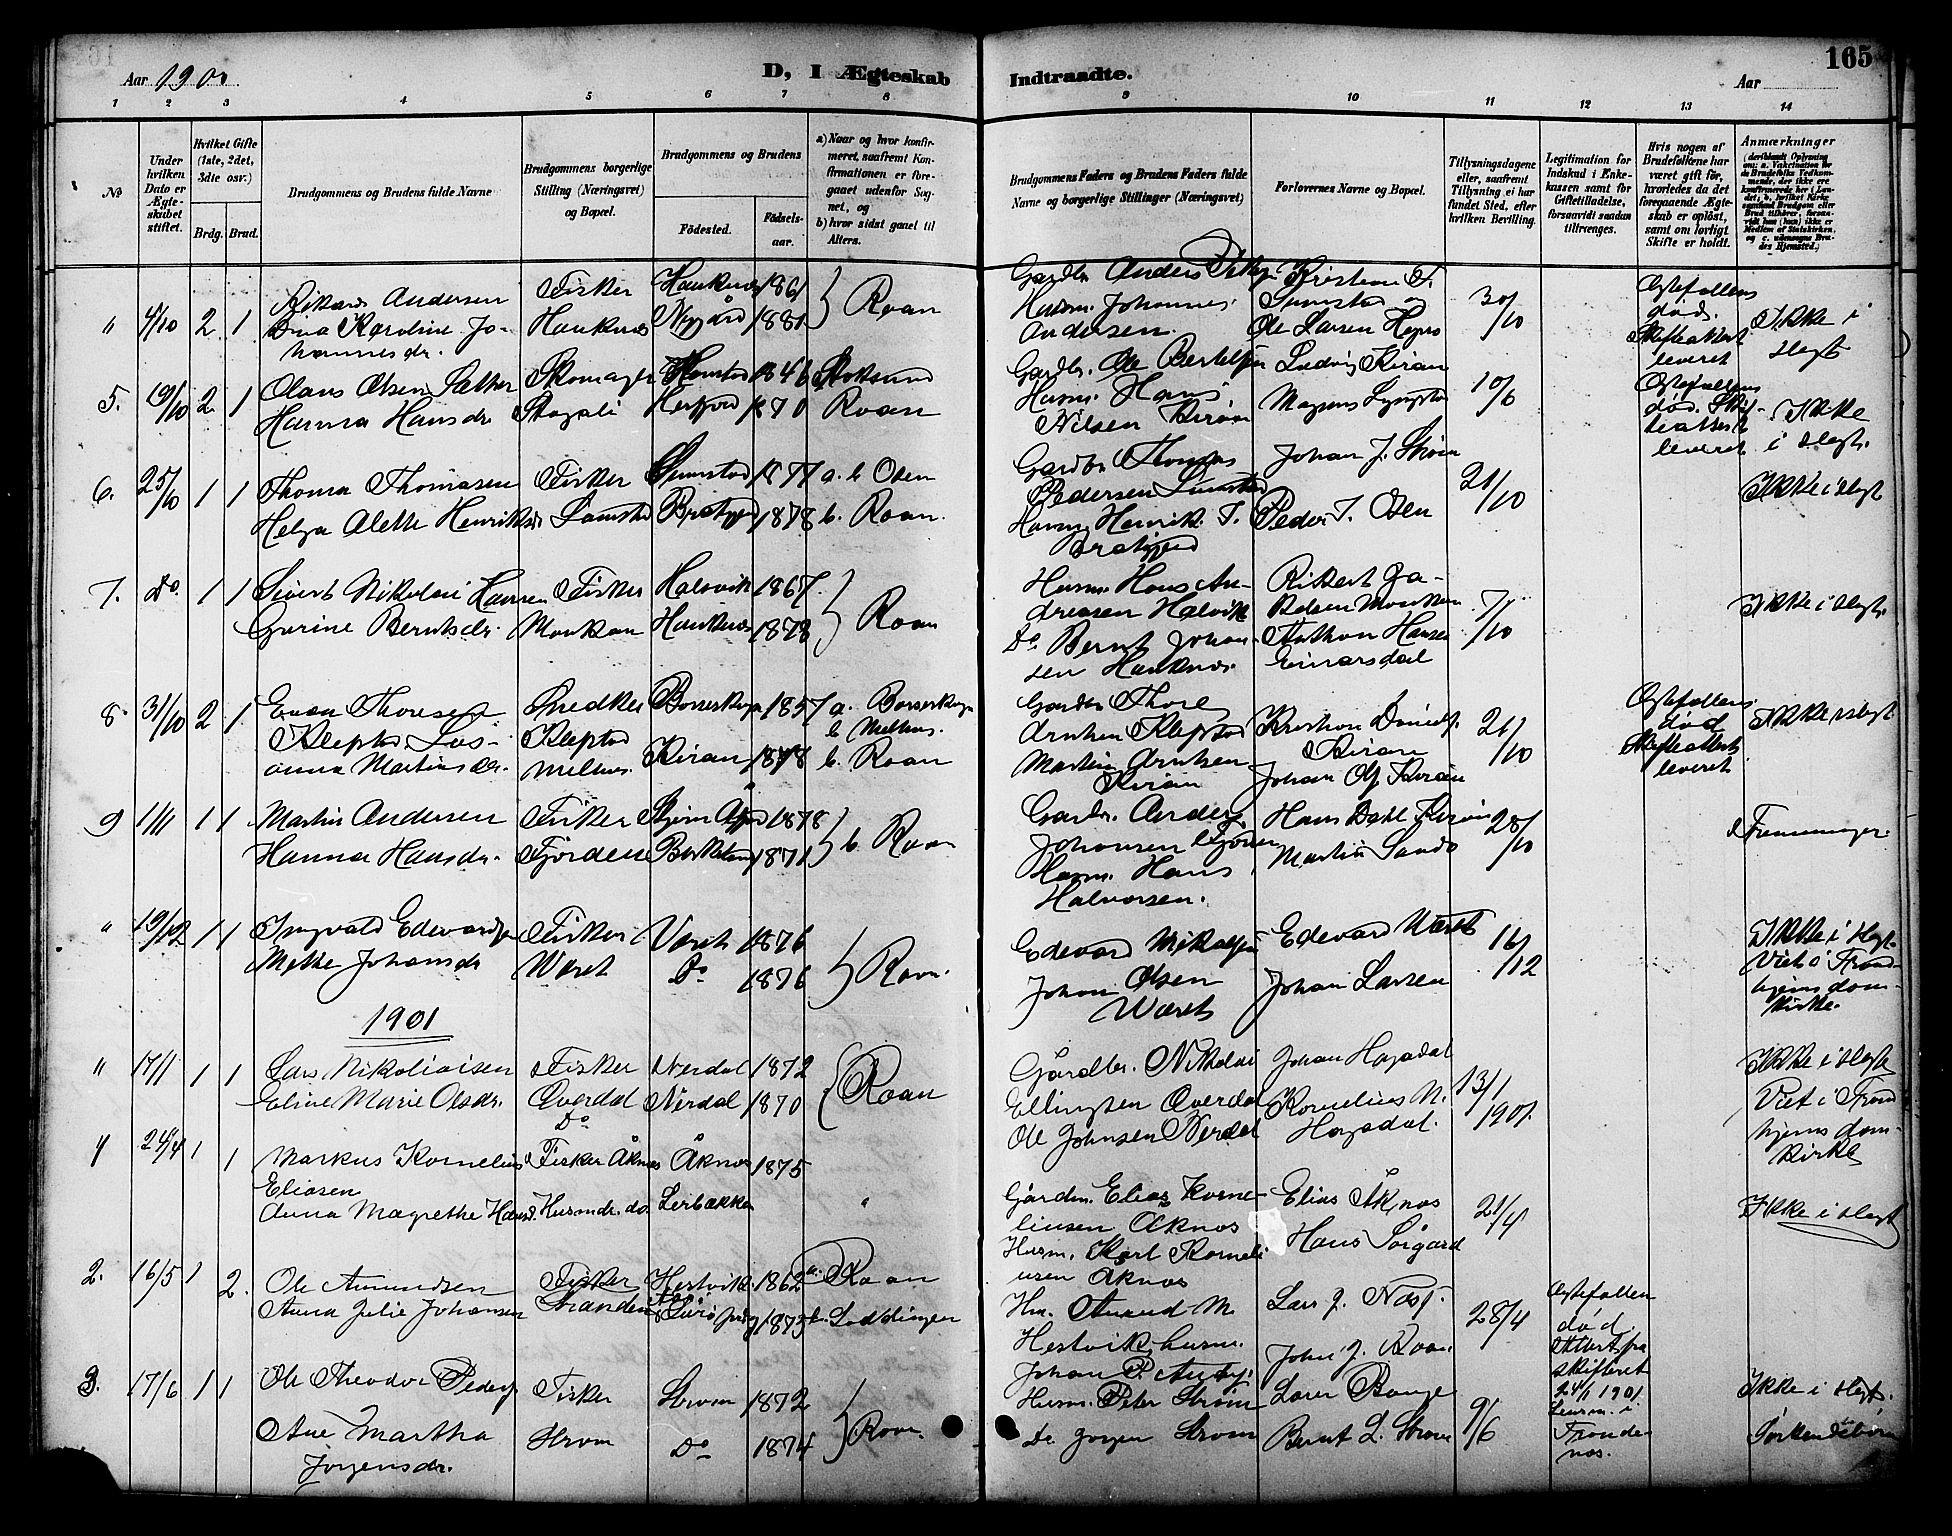 SAT, Ministerialprotokoller, klokkerbøker og fødselsregistre - Sør-Trøndelag, 657/L0716: Klokkerbok nr. 657C03, 1889-1904, s. 165